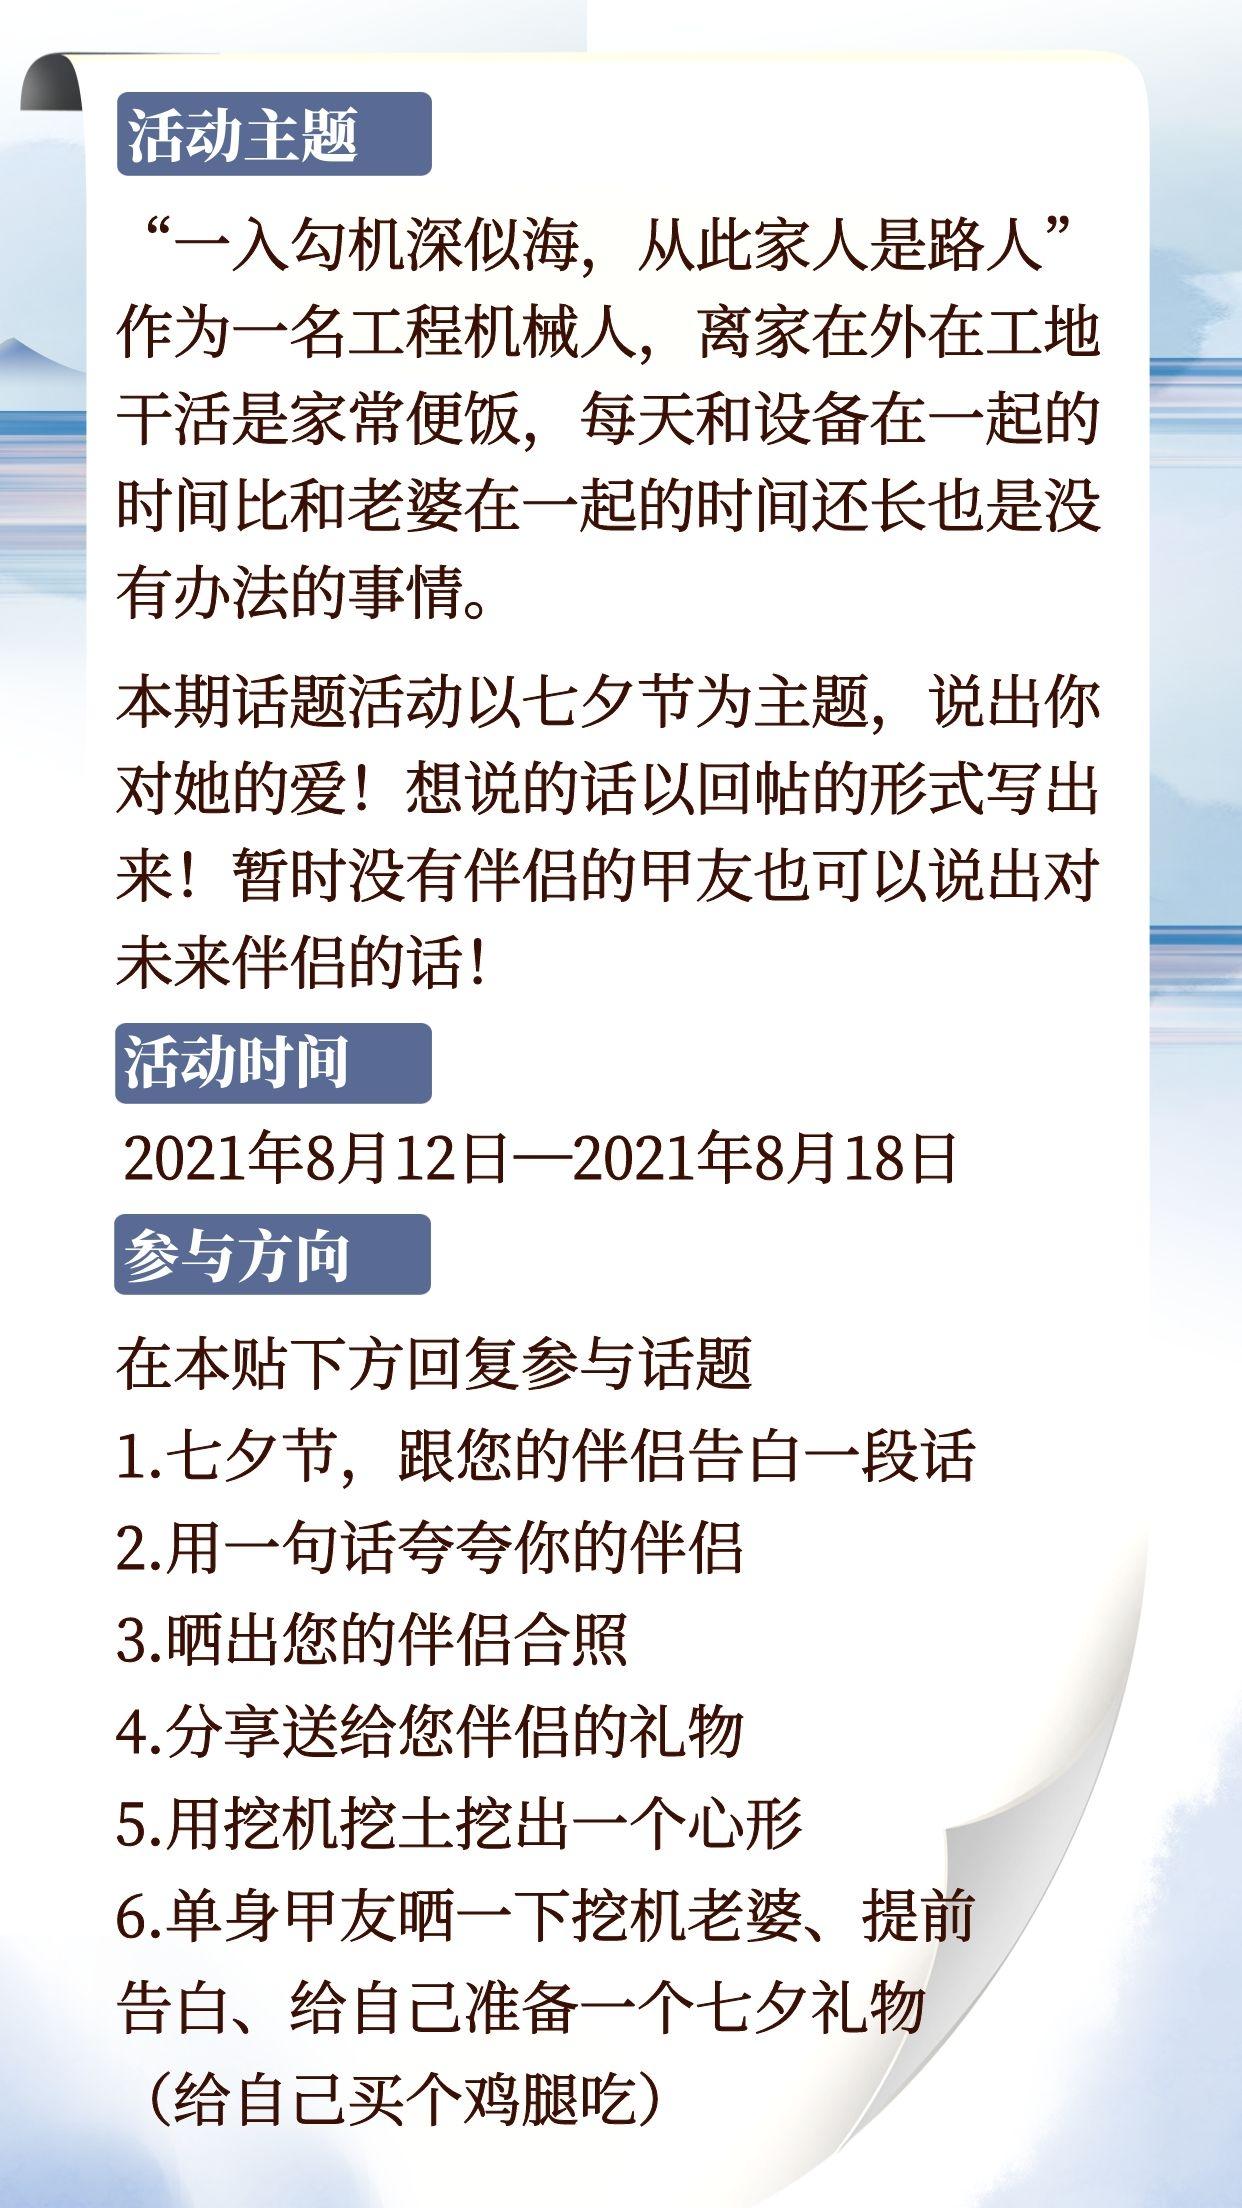 【每周话题】全国甲友竟然这样过七夕?快进来瞅瞅!